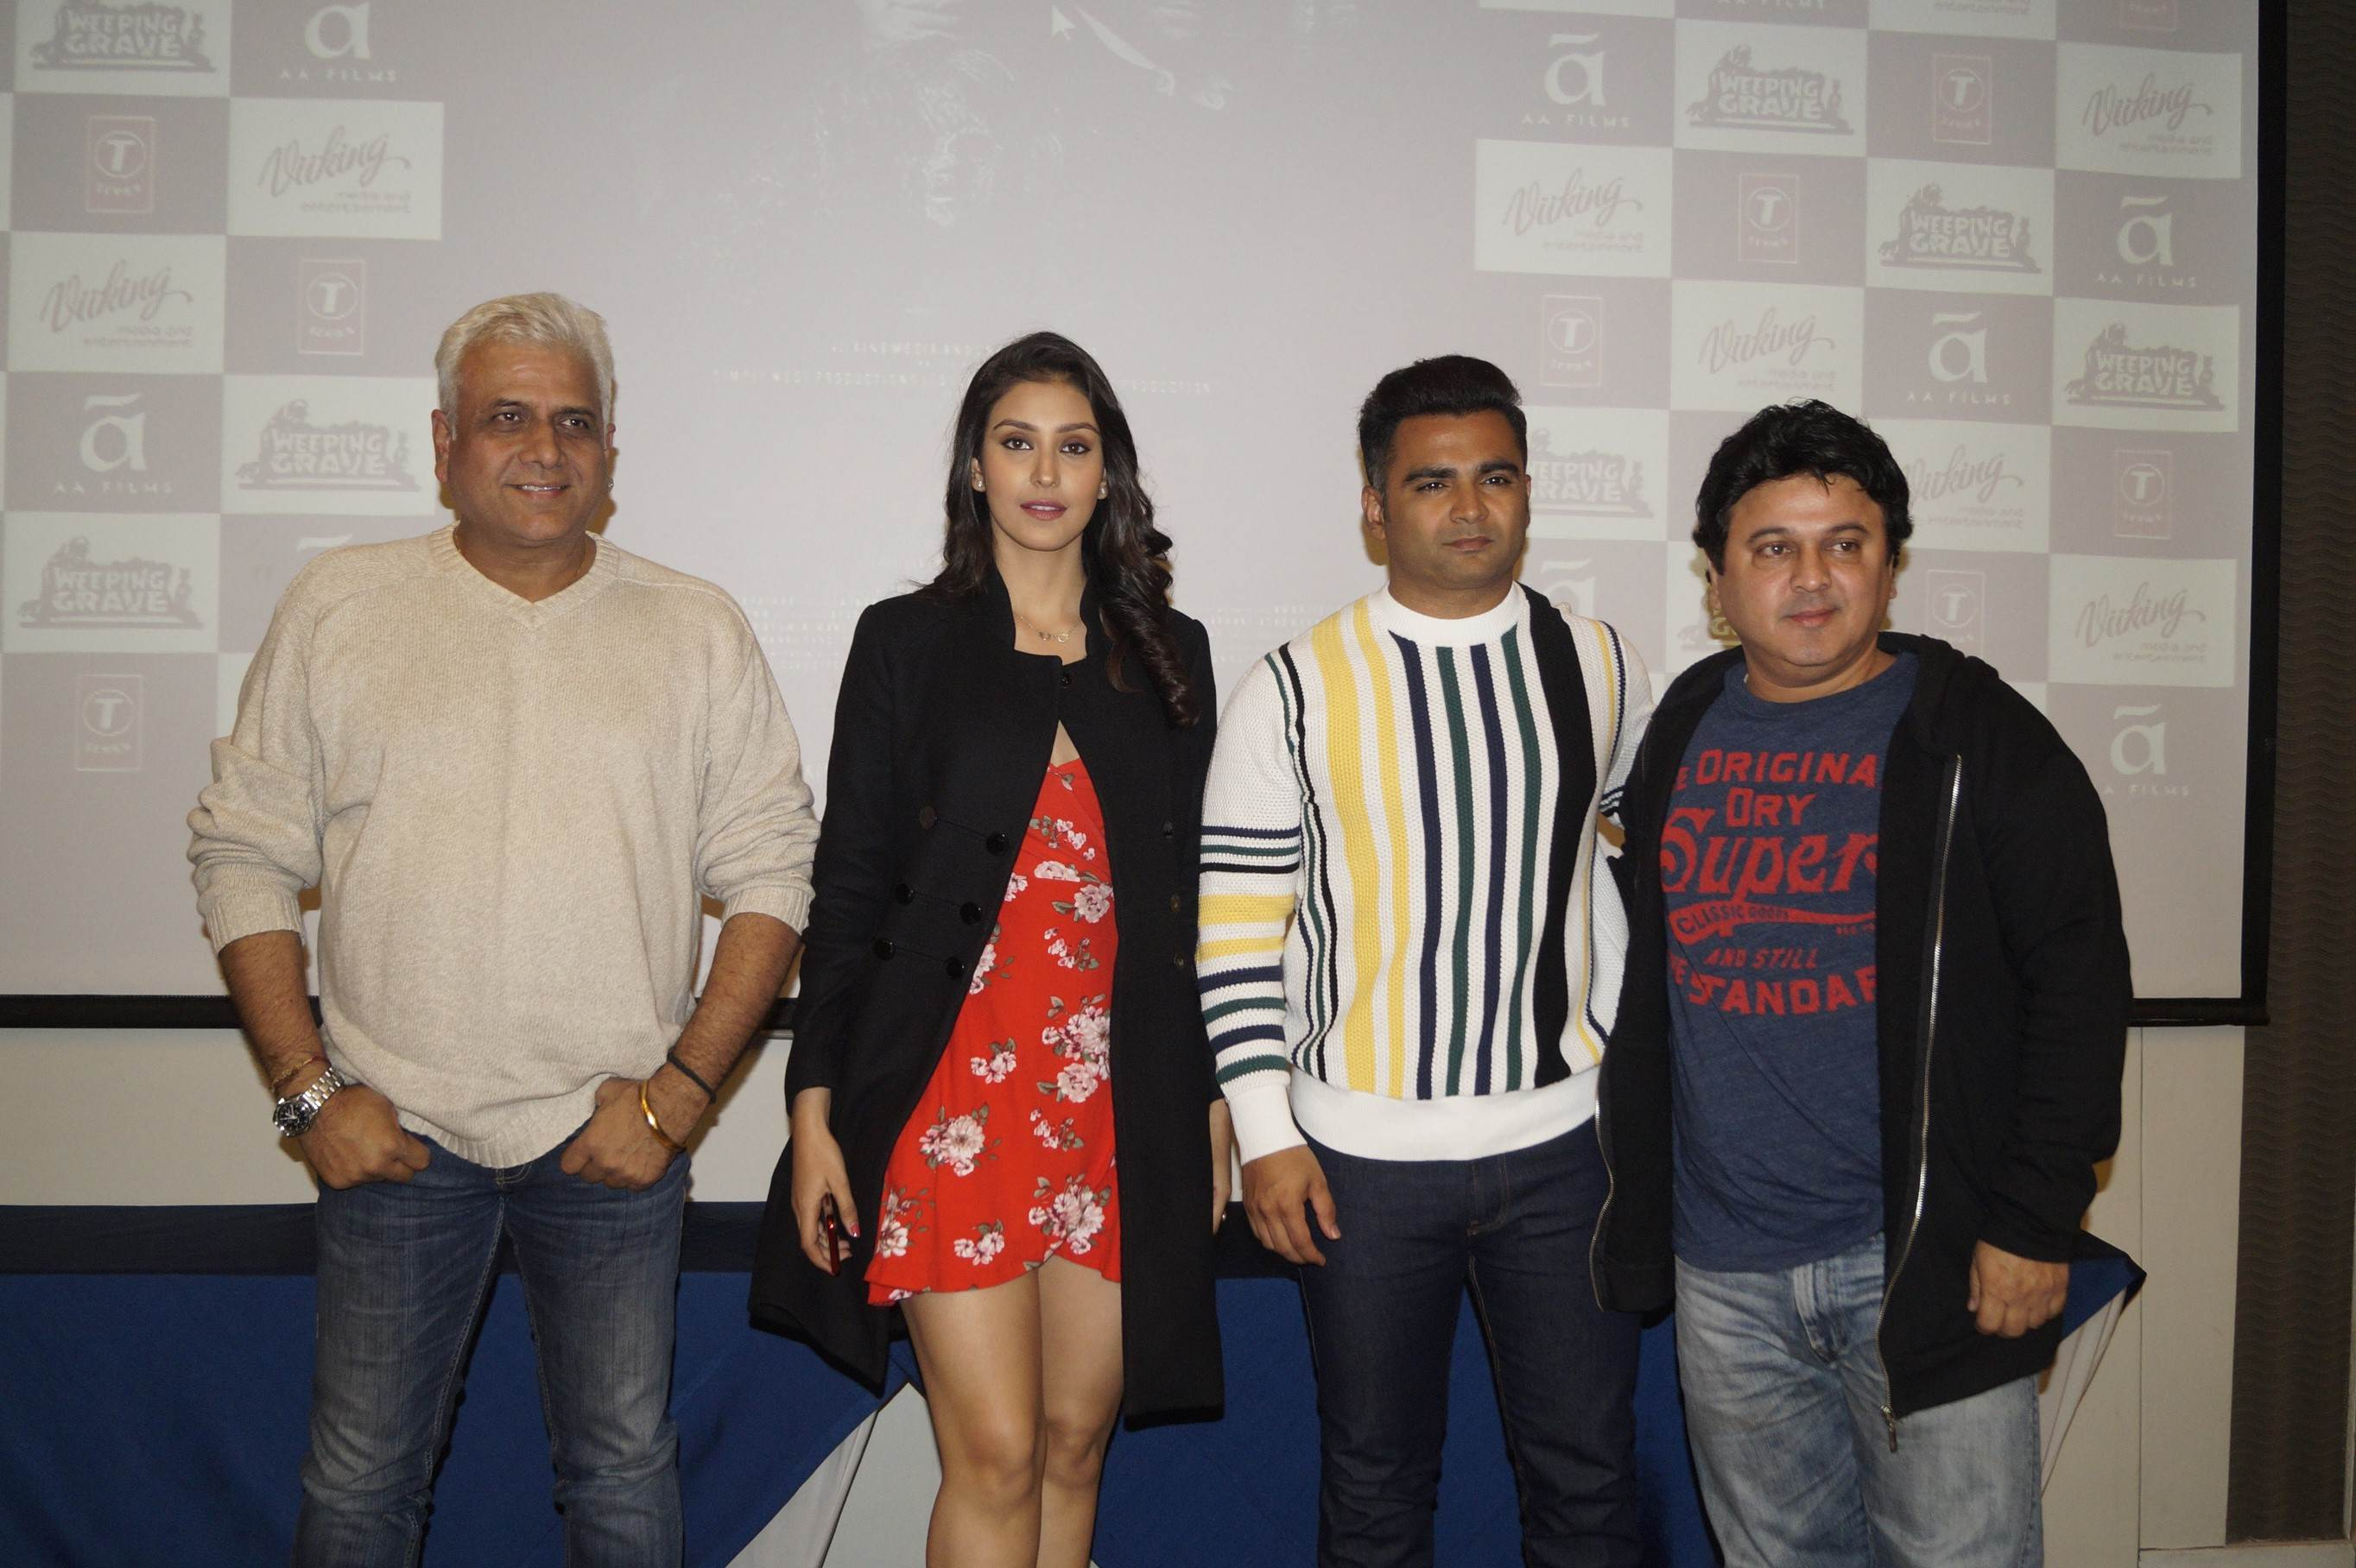 सचिन जोशी, अली असगर ने दिल्ली में किया फिल्म